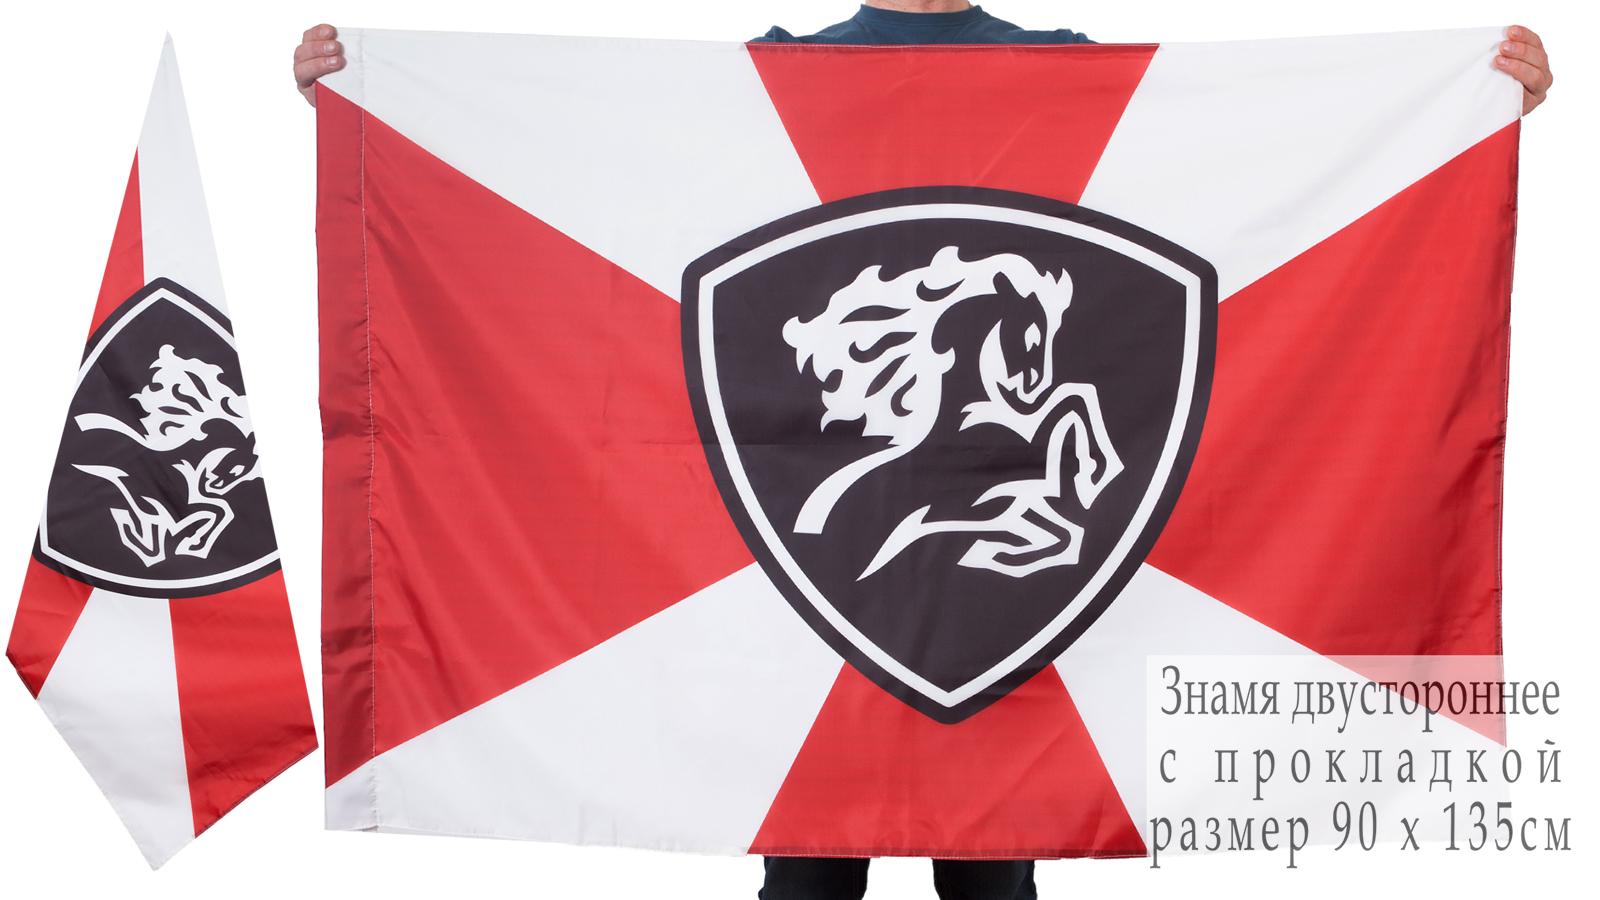 Двухсторонний флаг СКРК ВВ